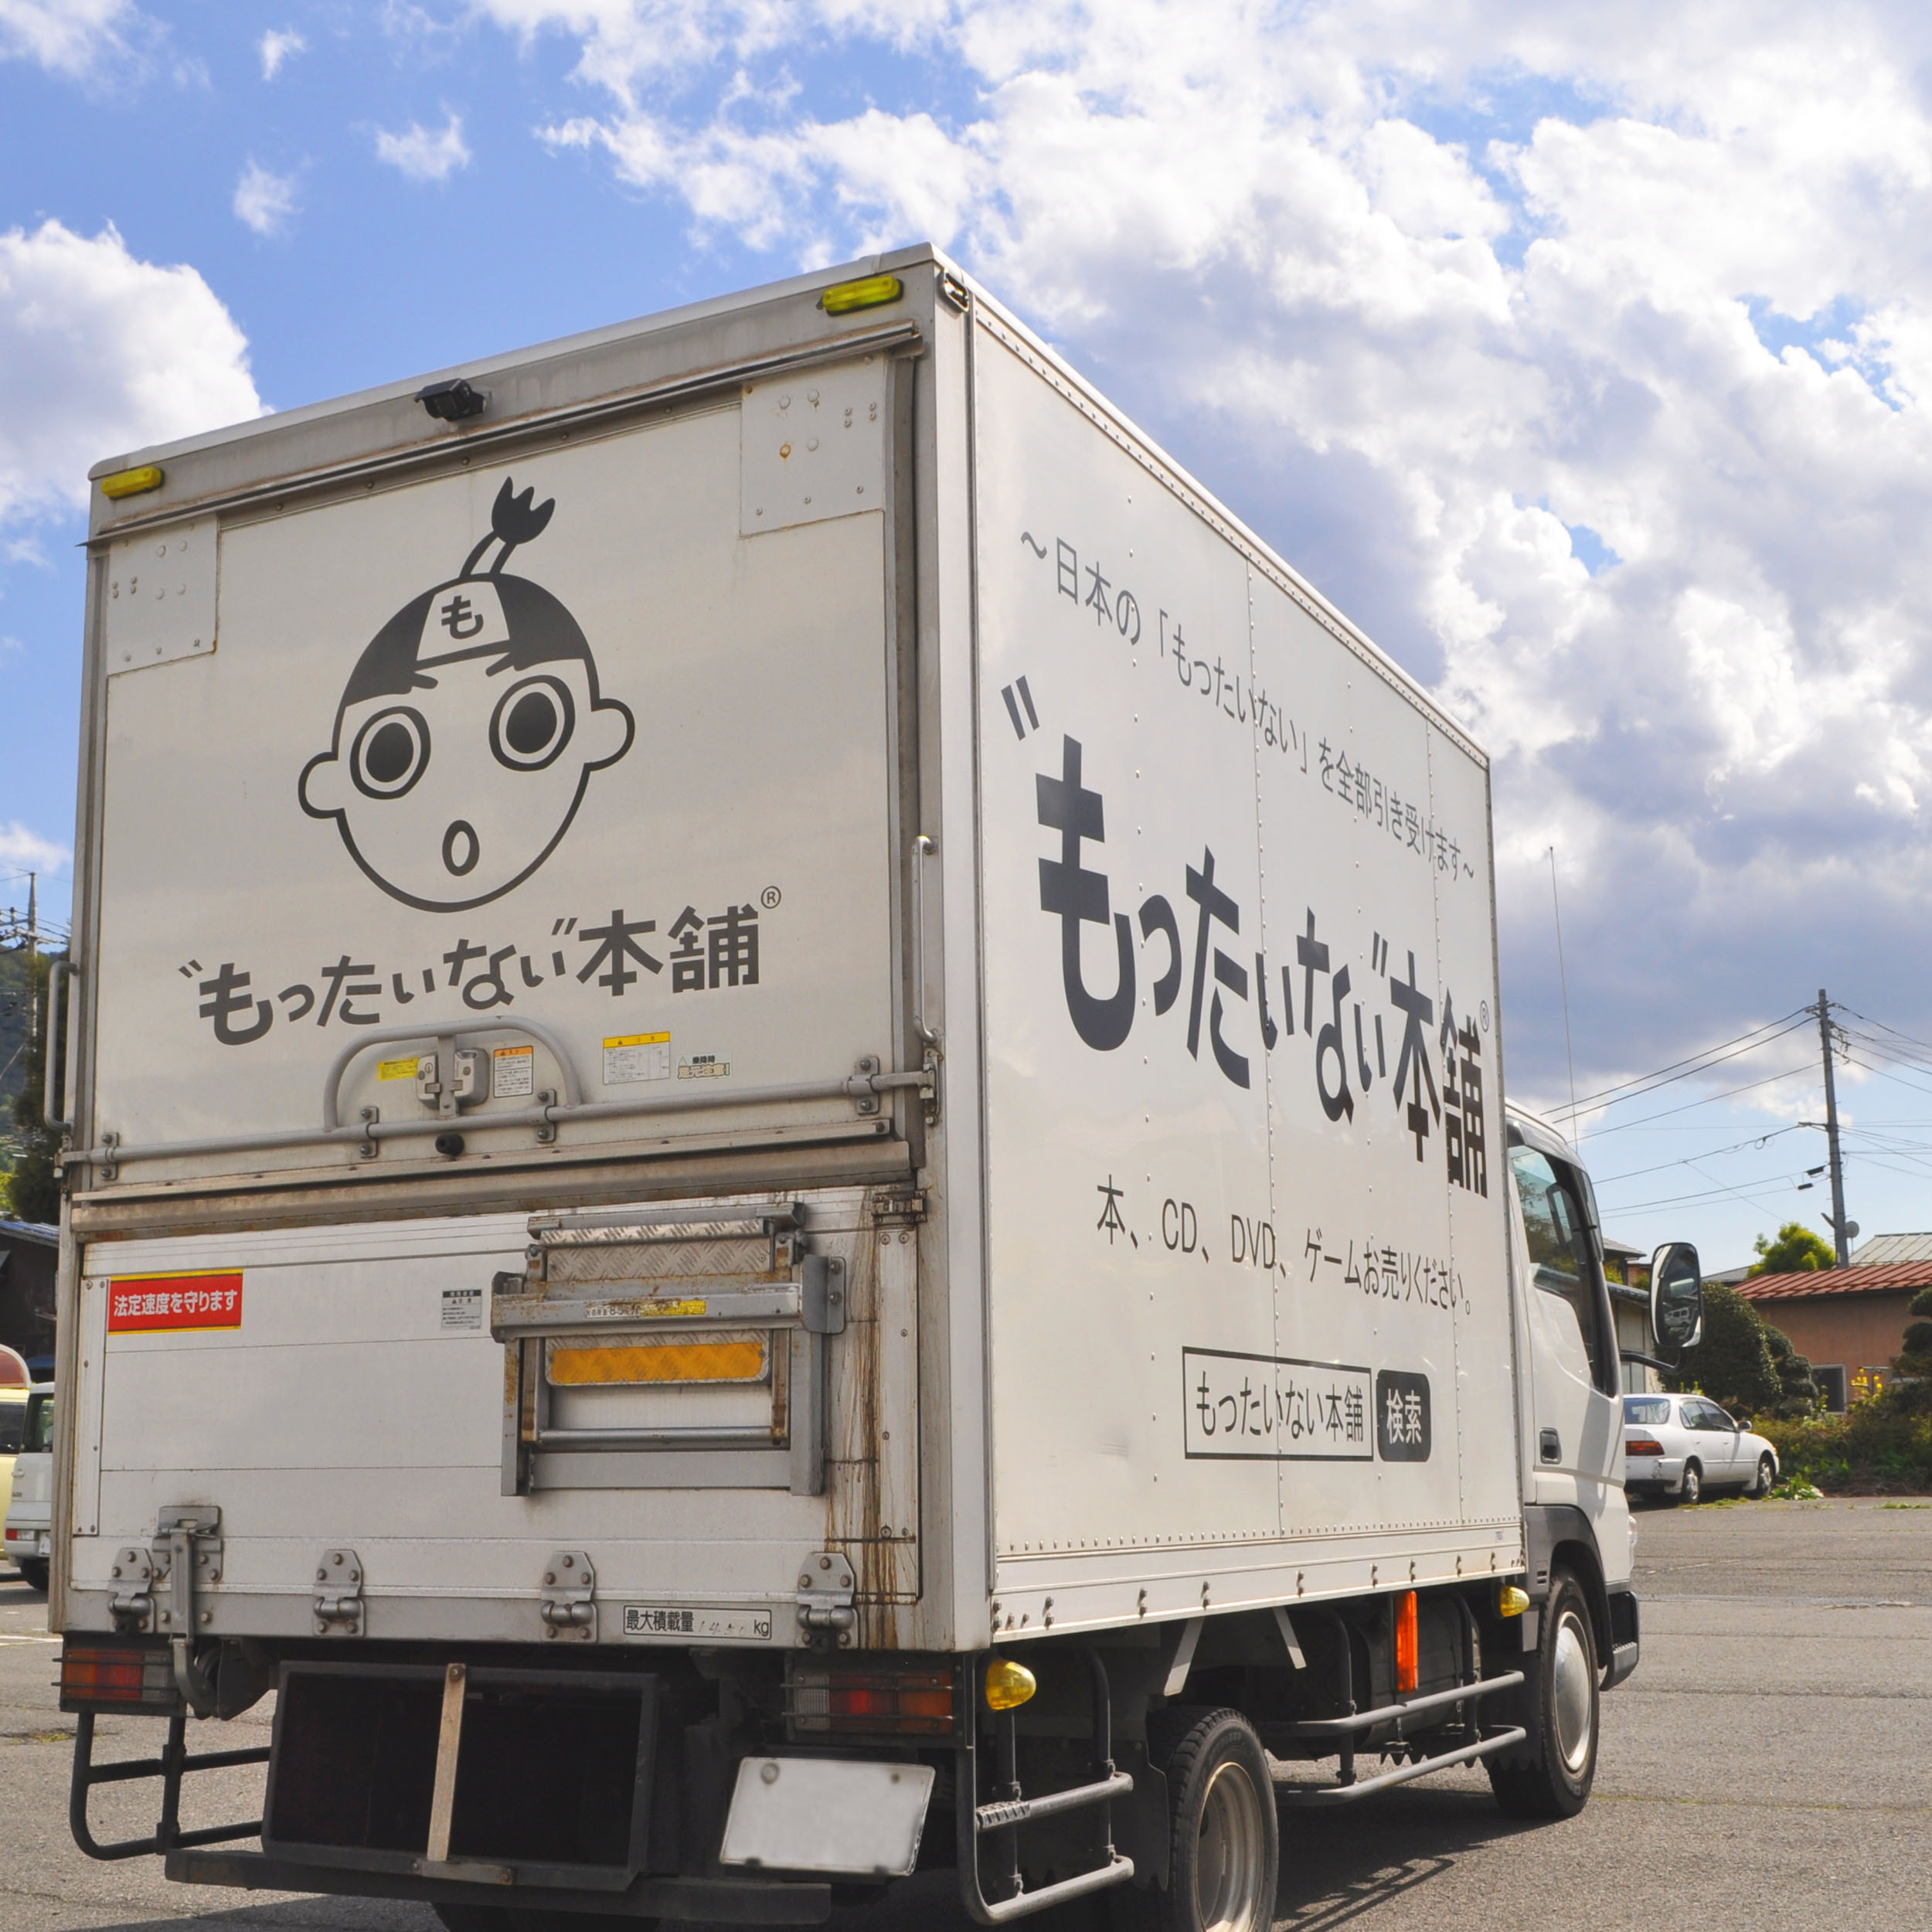 「もたろうトラック」を紹介します。